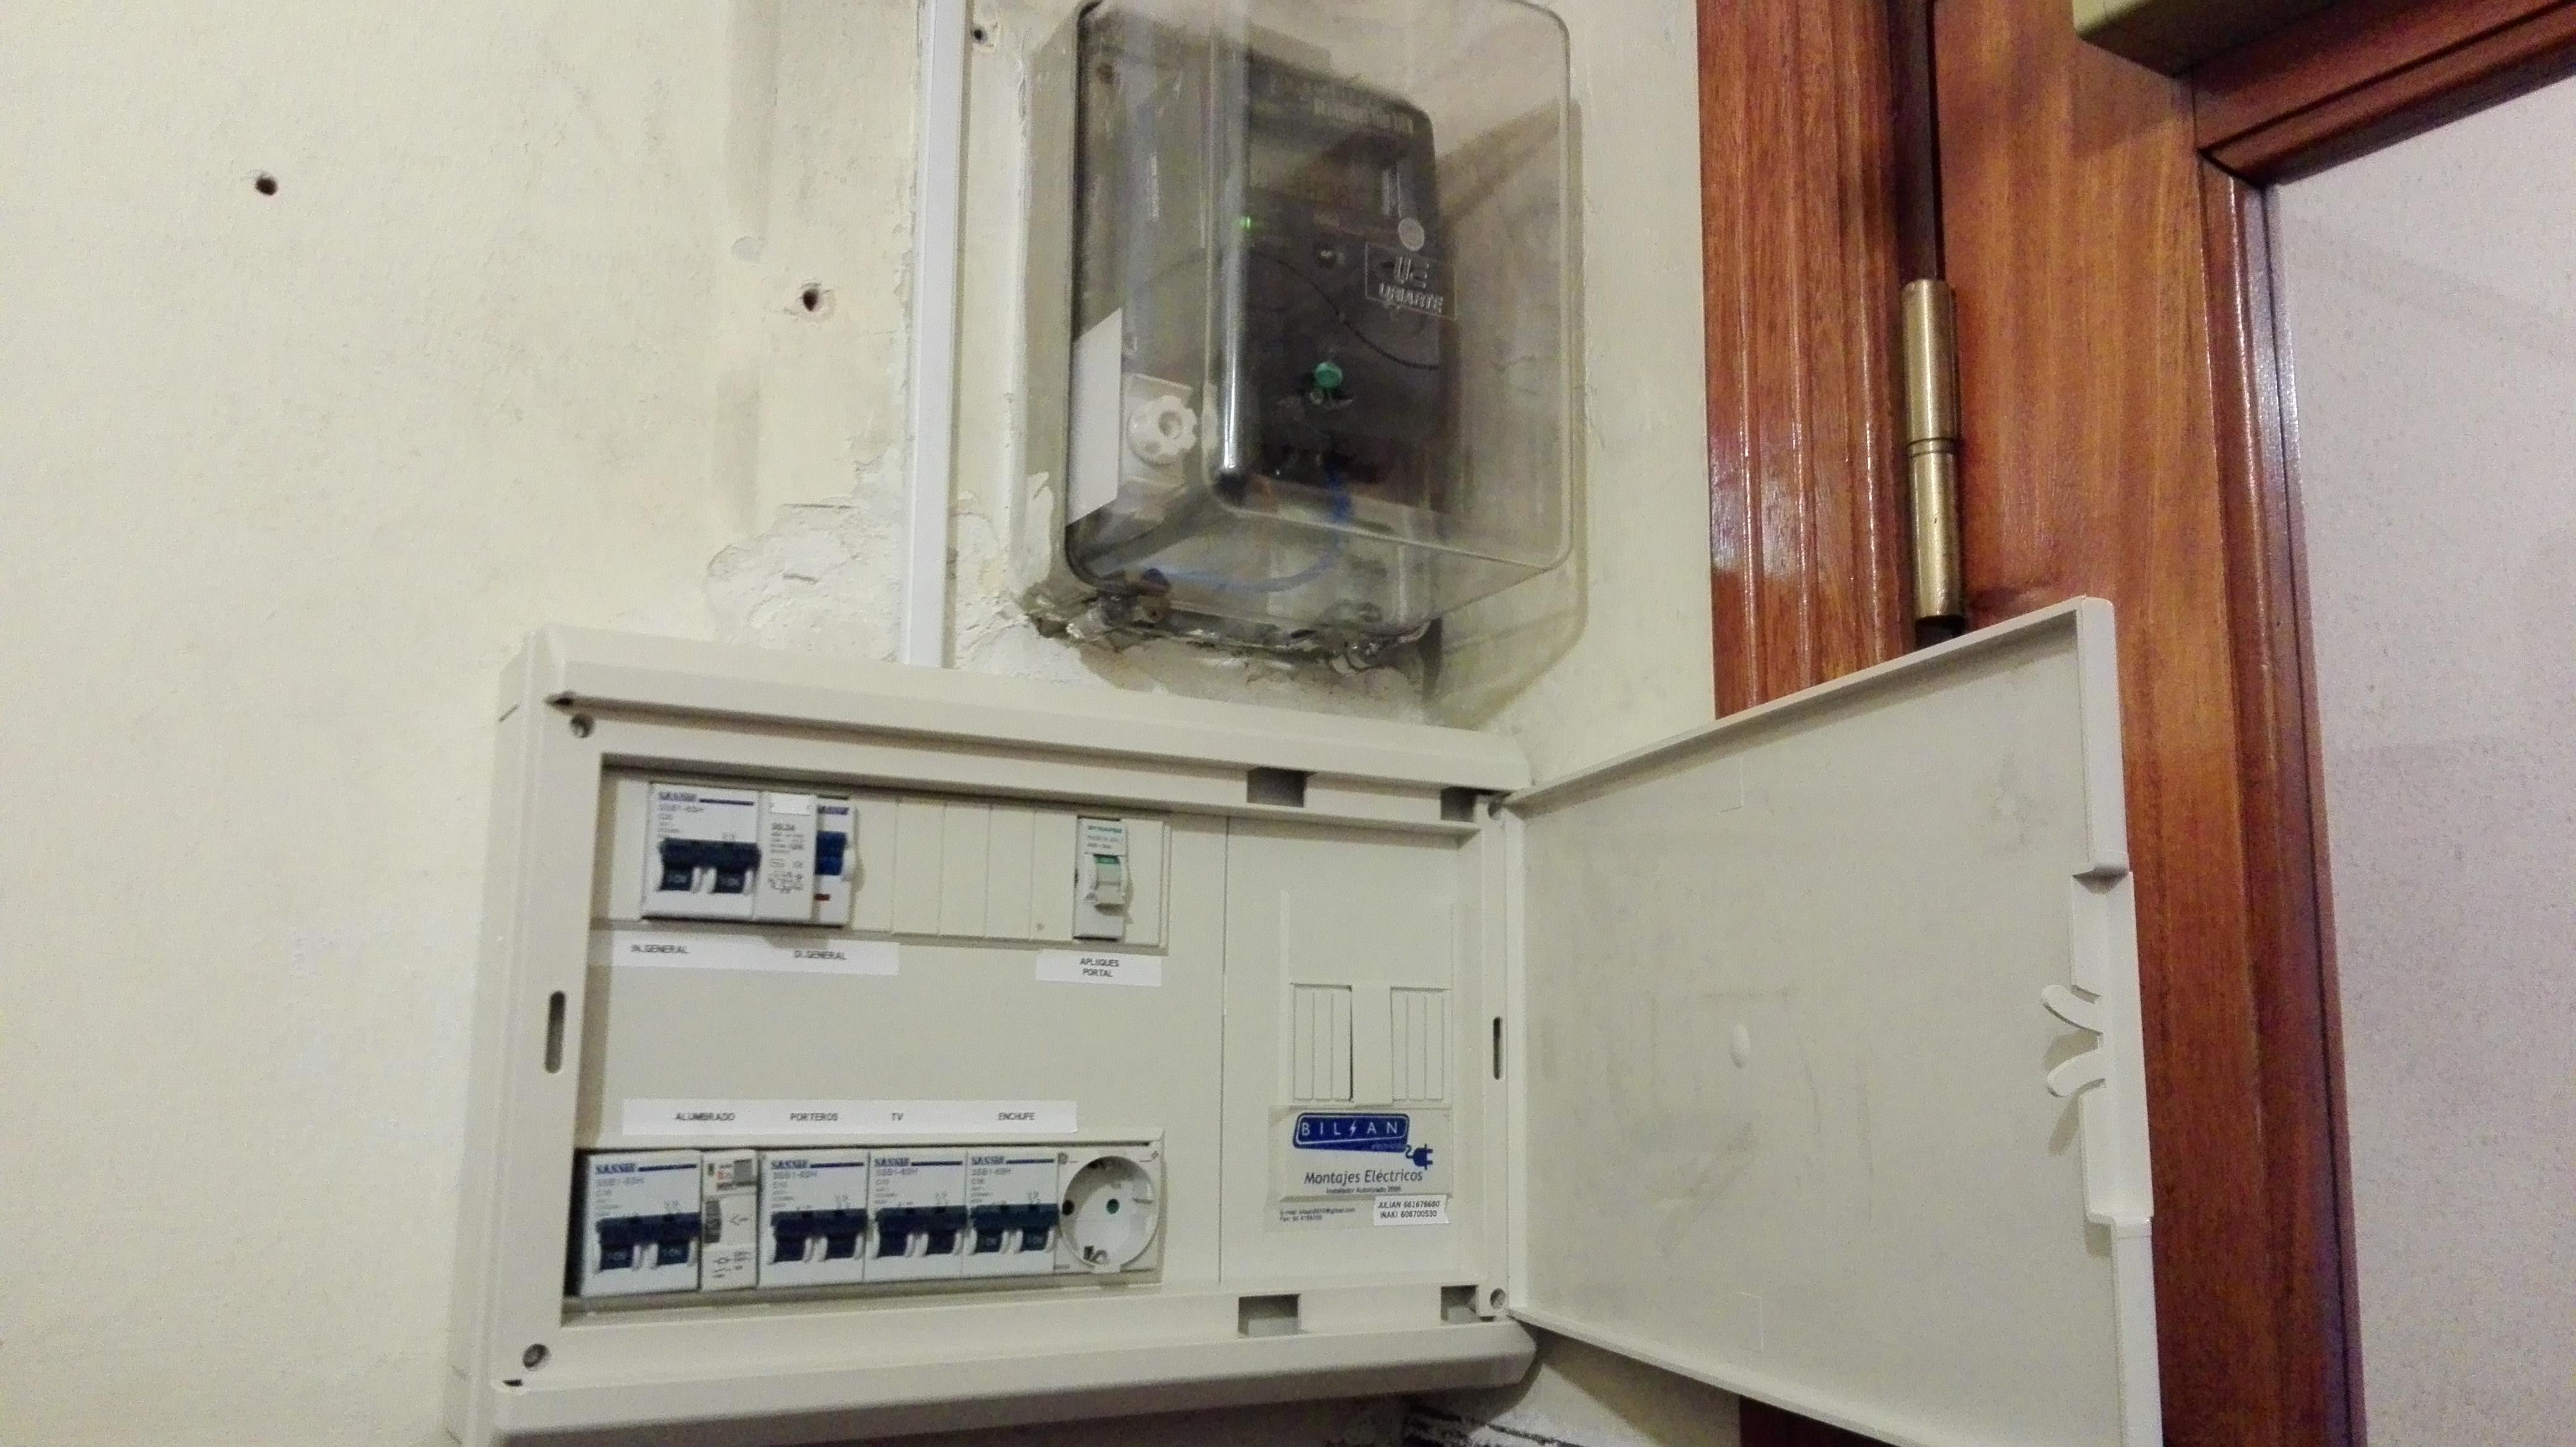 Fotograf as bilsan montajes electricos s c - Electricistas en bilbao ...